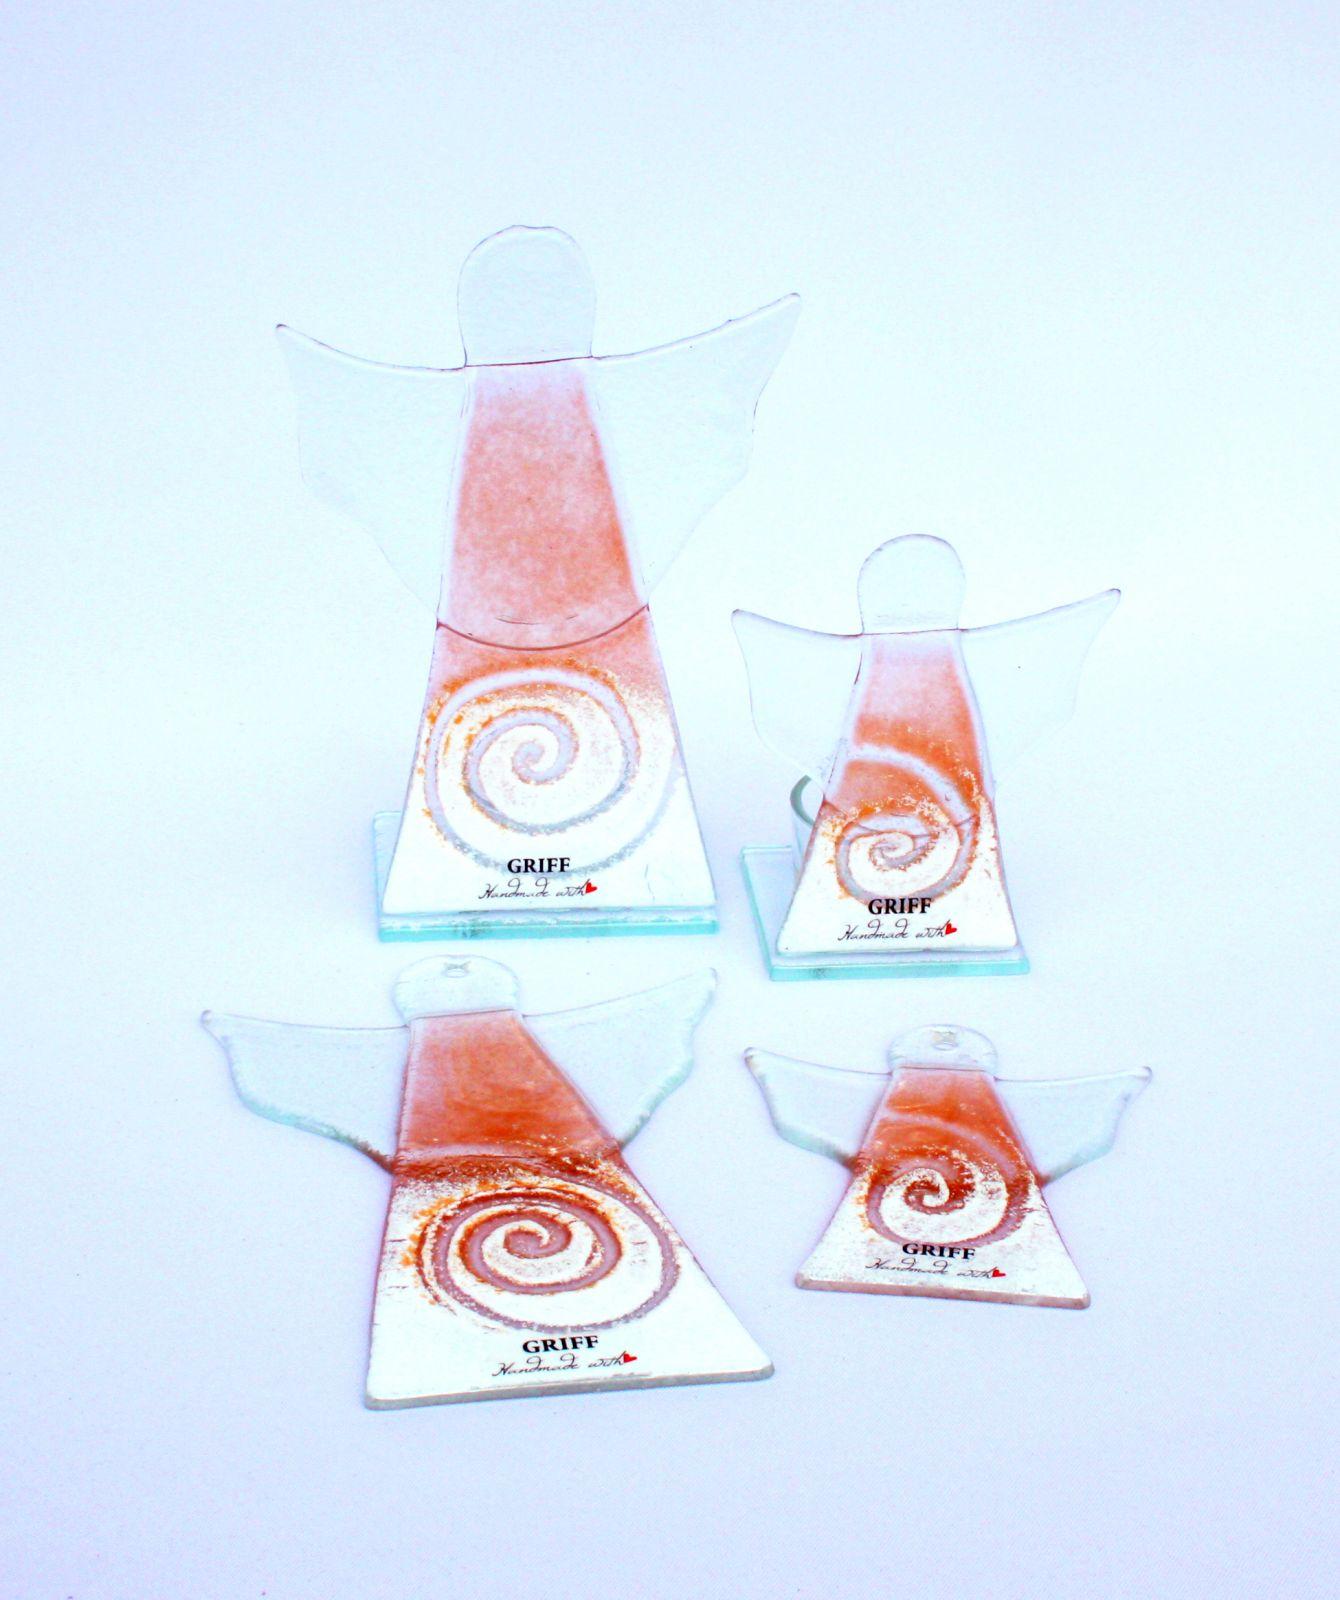 Dekorace do bytu Skleněný dekorační svícen na čajovou svíčku GRIFFglass originální, skleněné dekorace do bytu